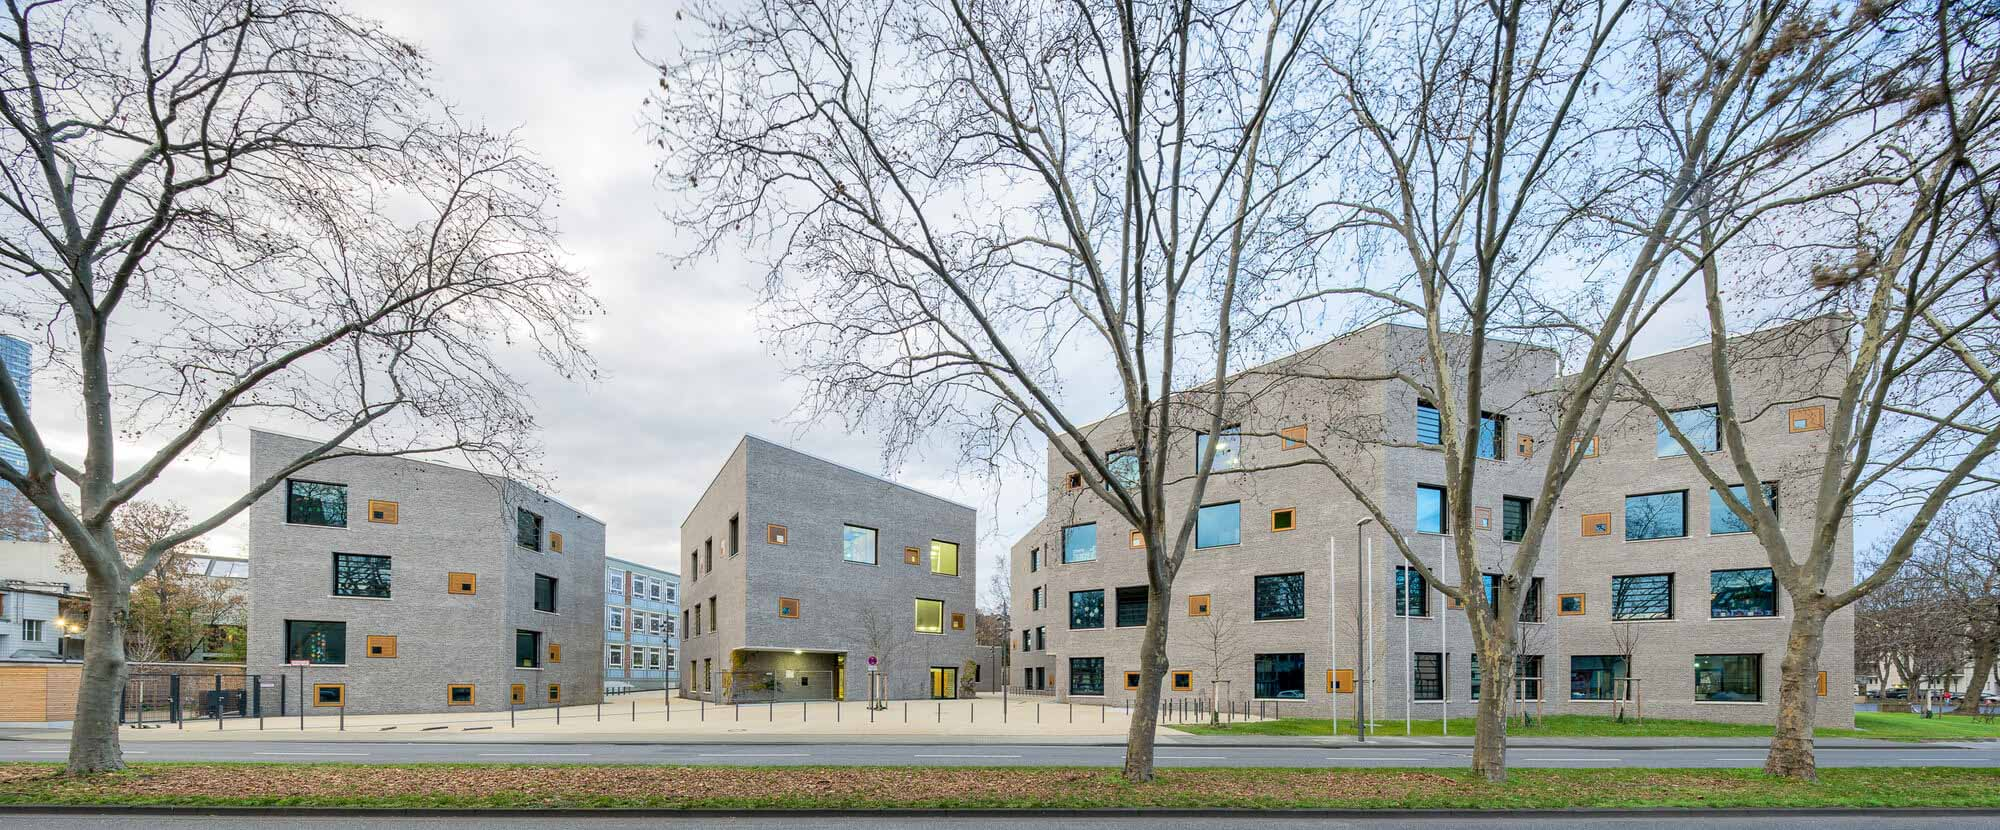 BAN Образовательный ландшафт / gernot schulz: architektur